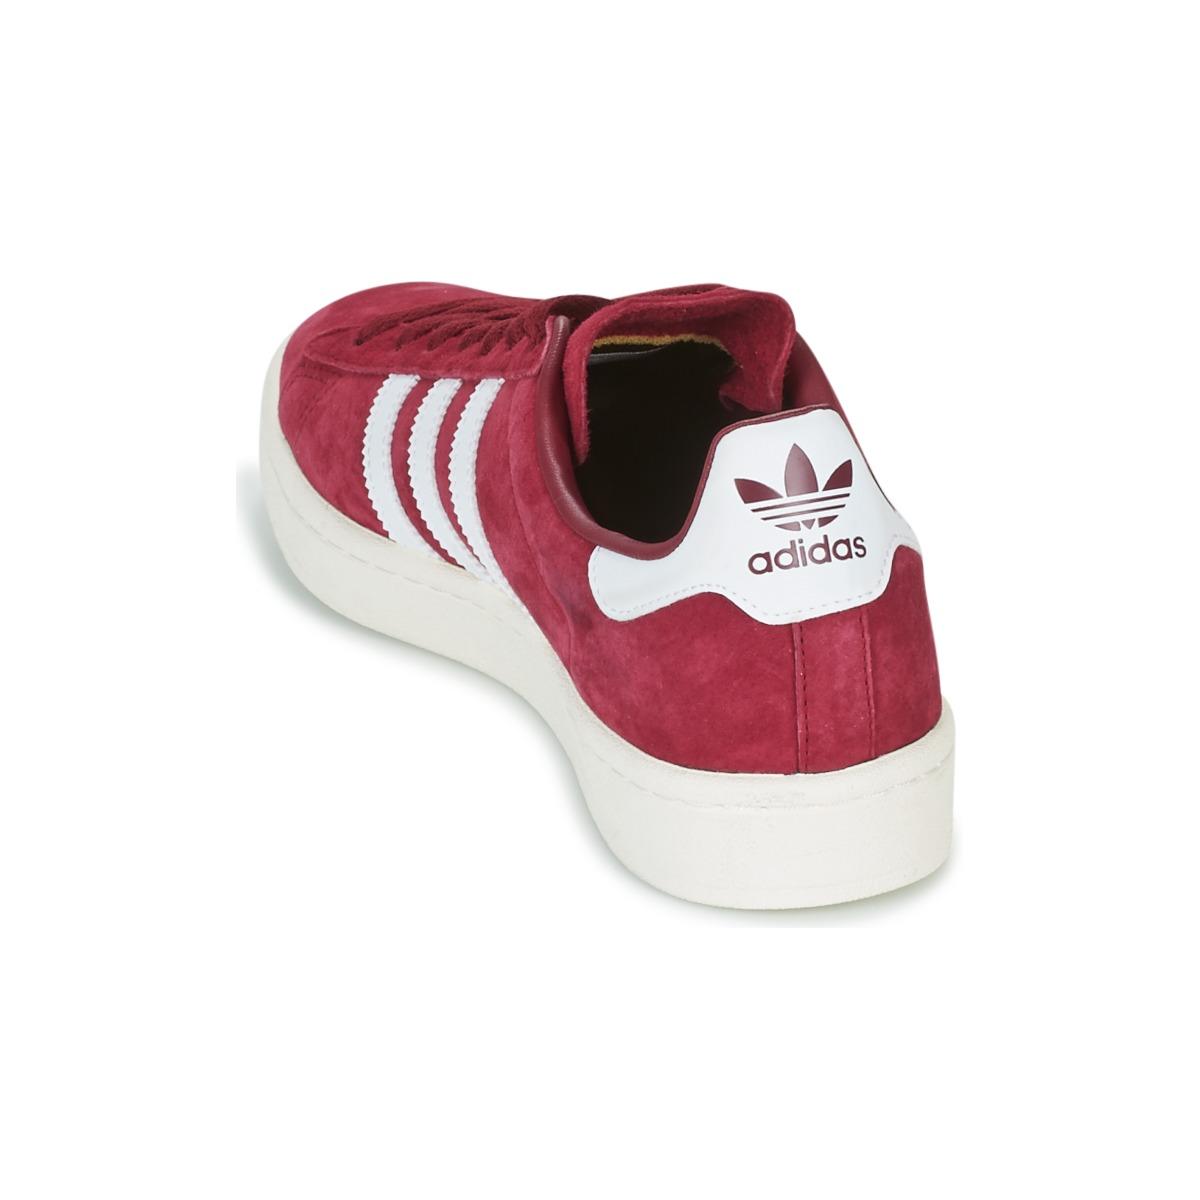 adidas bordeaux donna scarpe